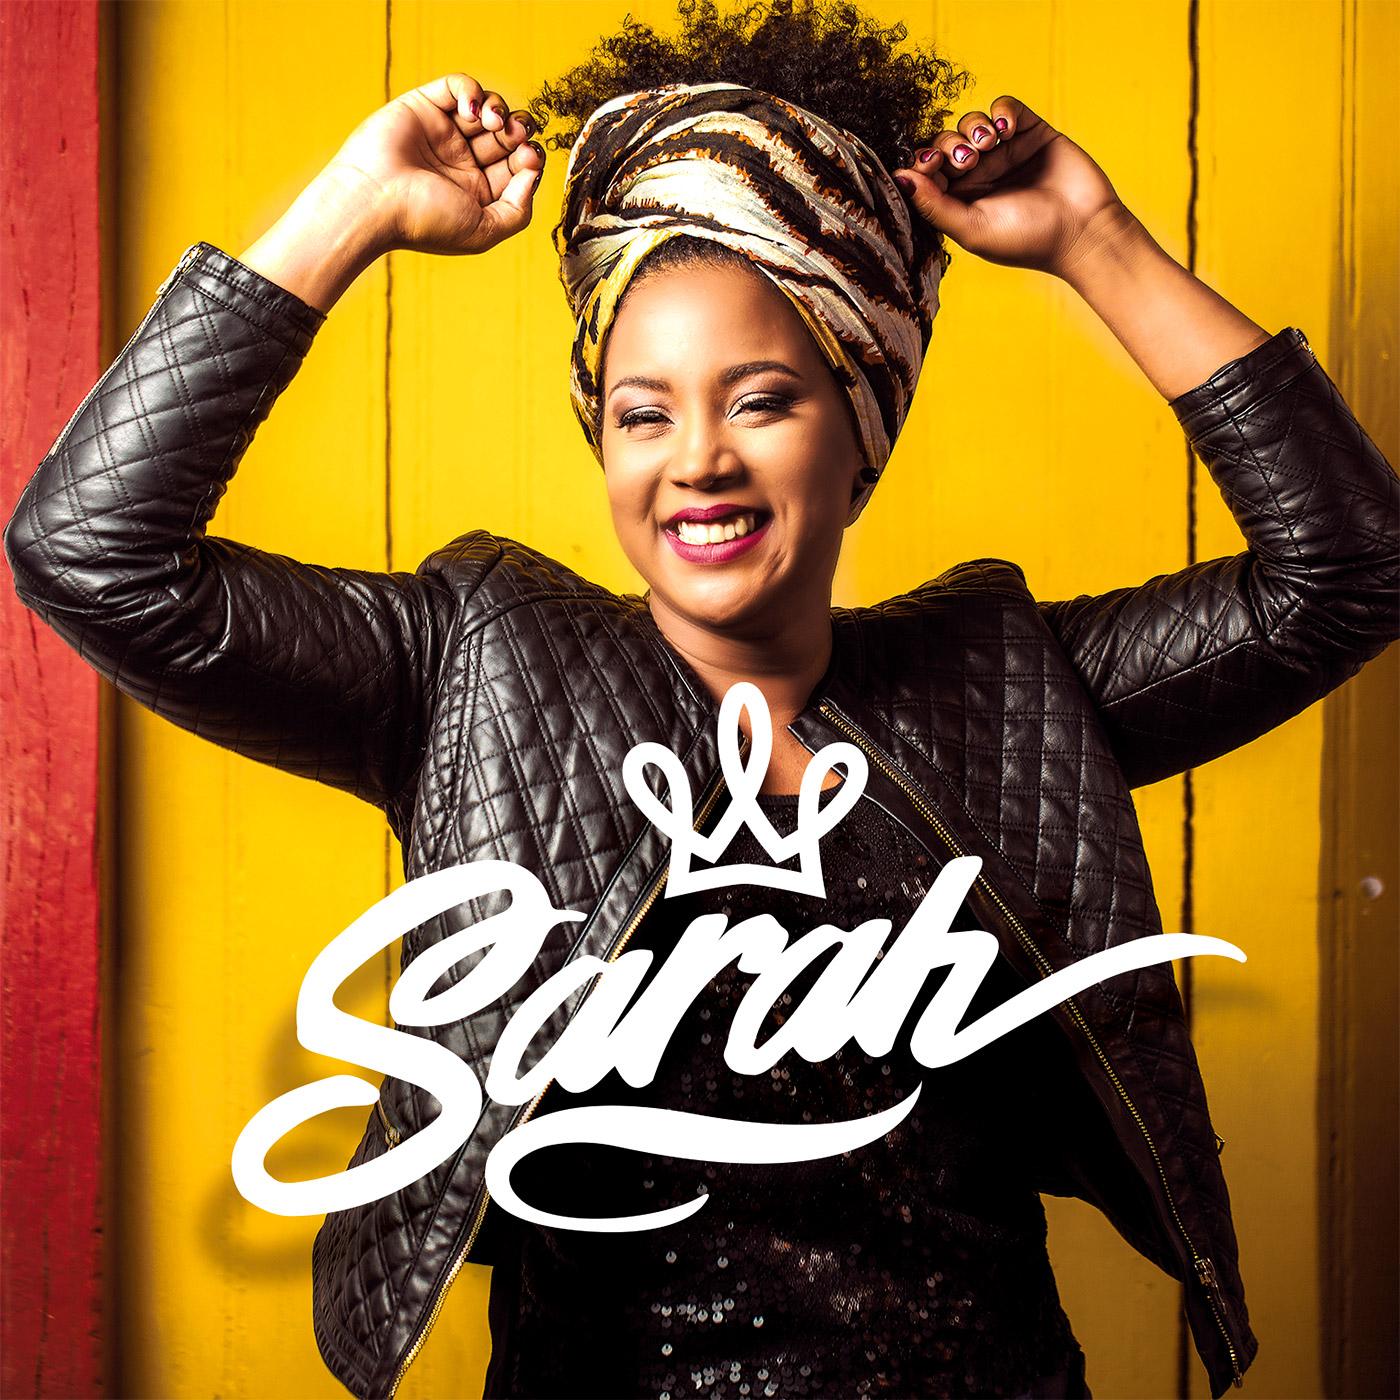 sarah_cantora_universal